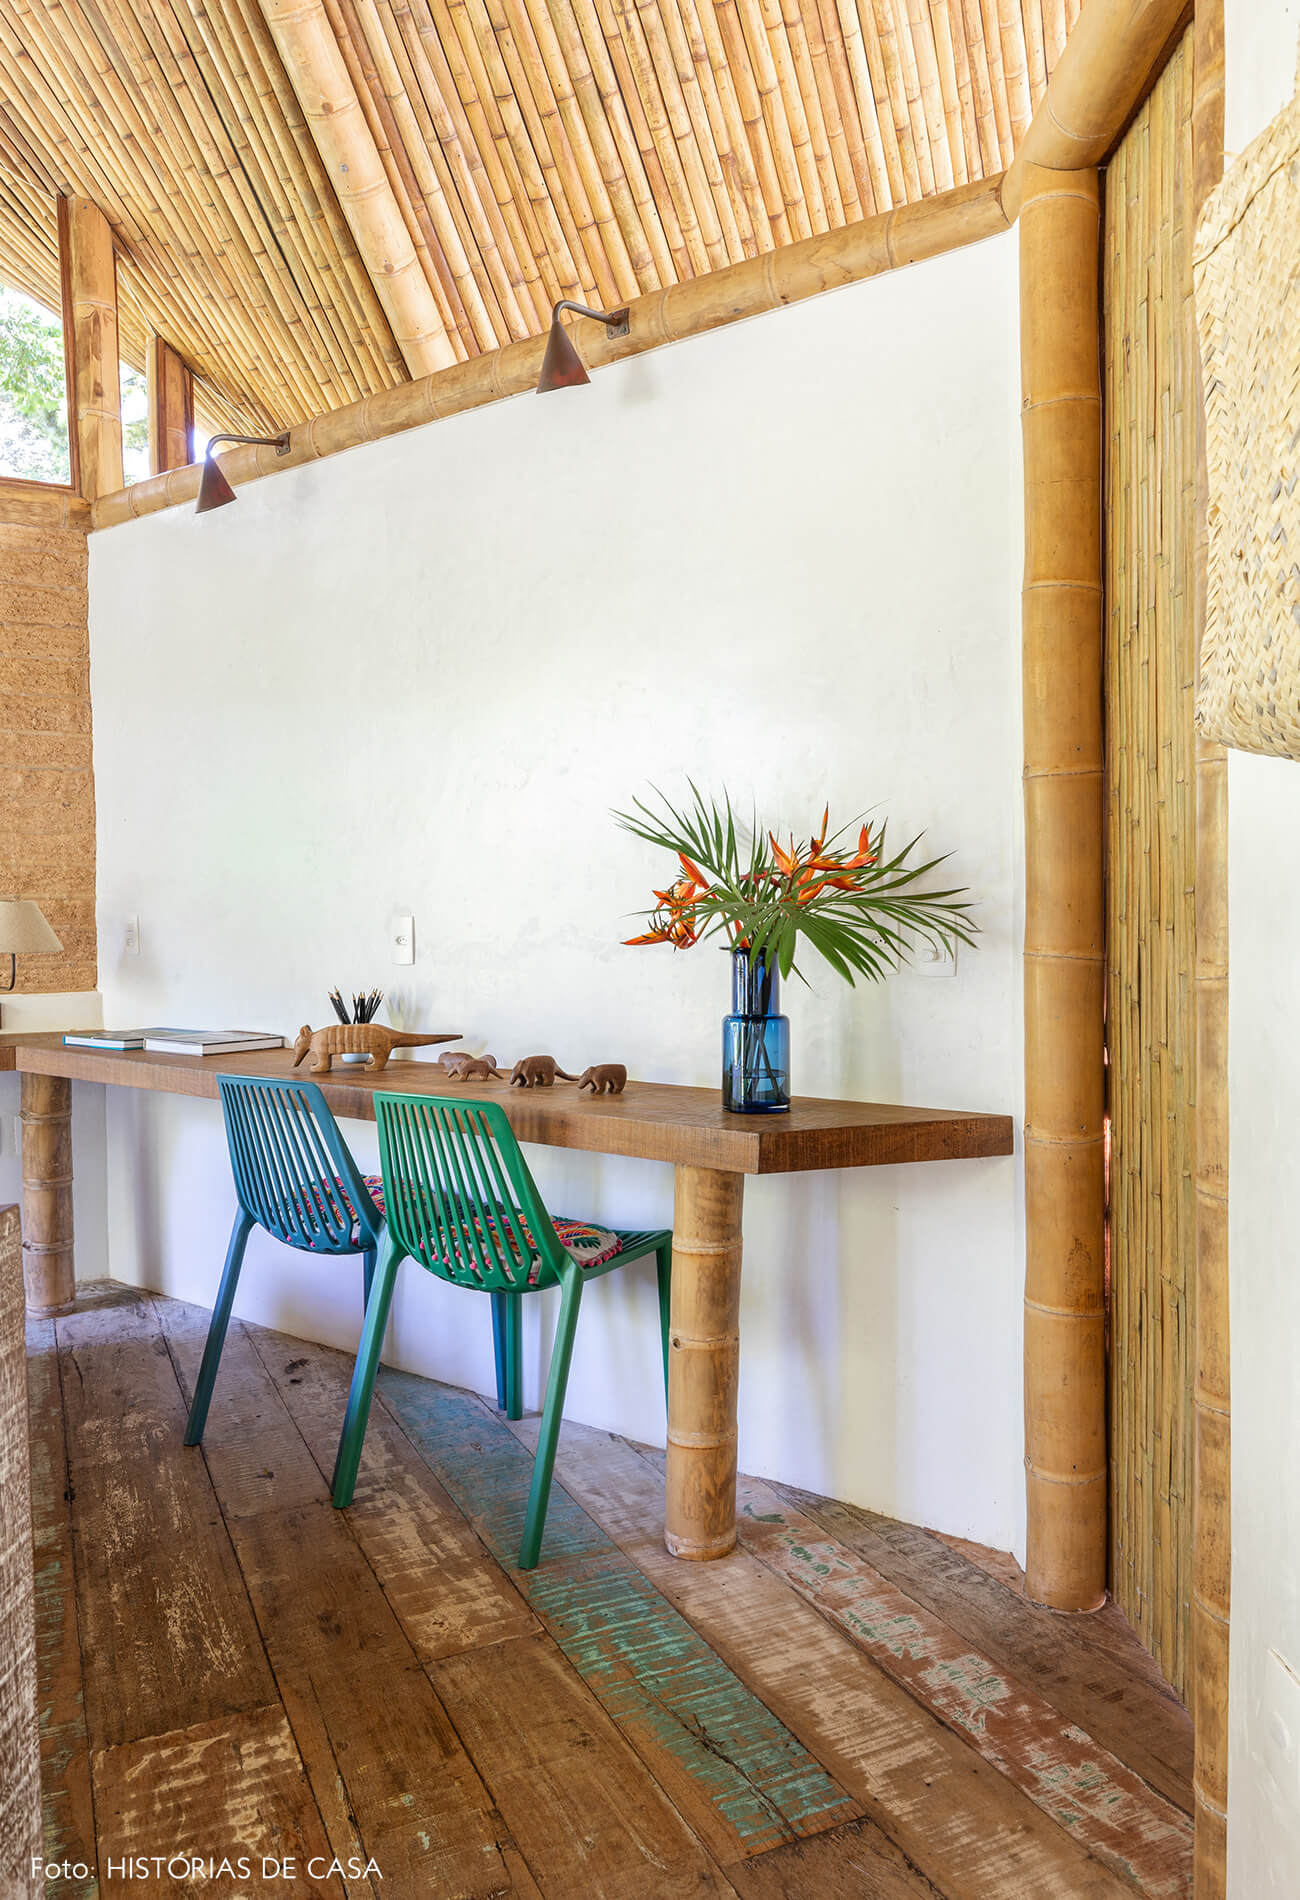 trancoso-vilasete-hotel-decoracao-61-piso-madeira-mesa-cadeira-verde-azul-quarto-teto-bambus-vaso-azul